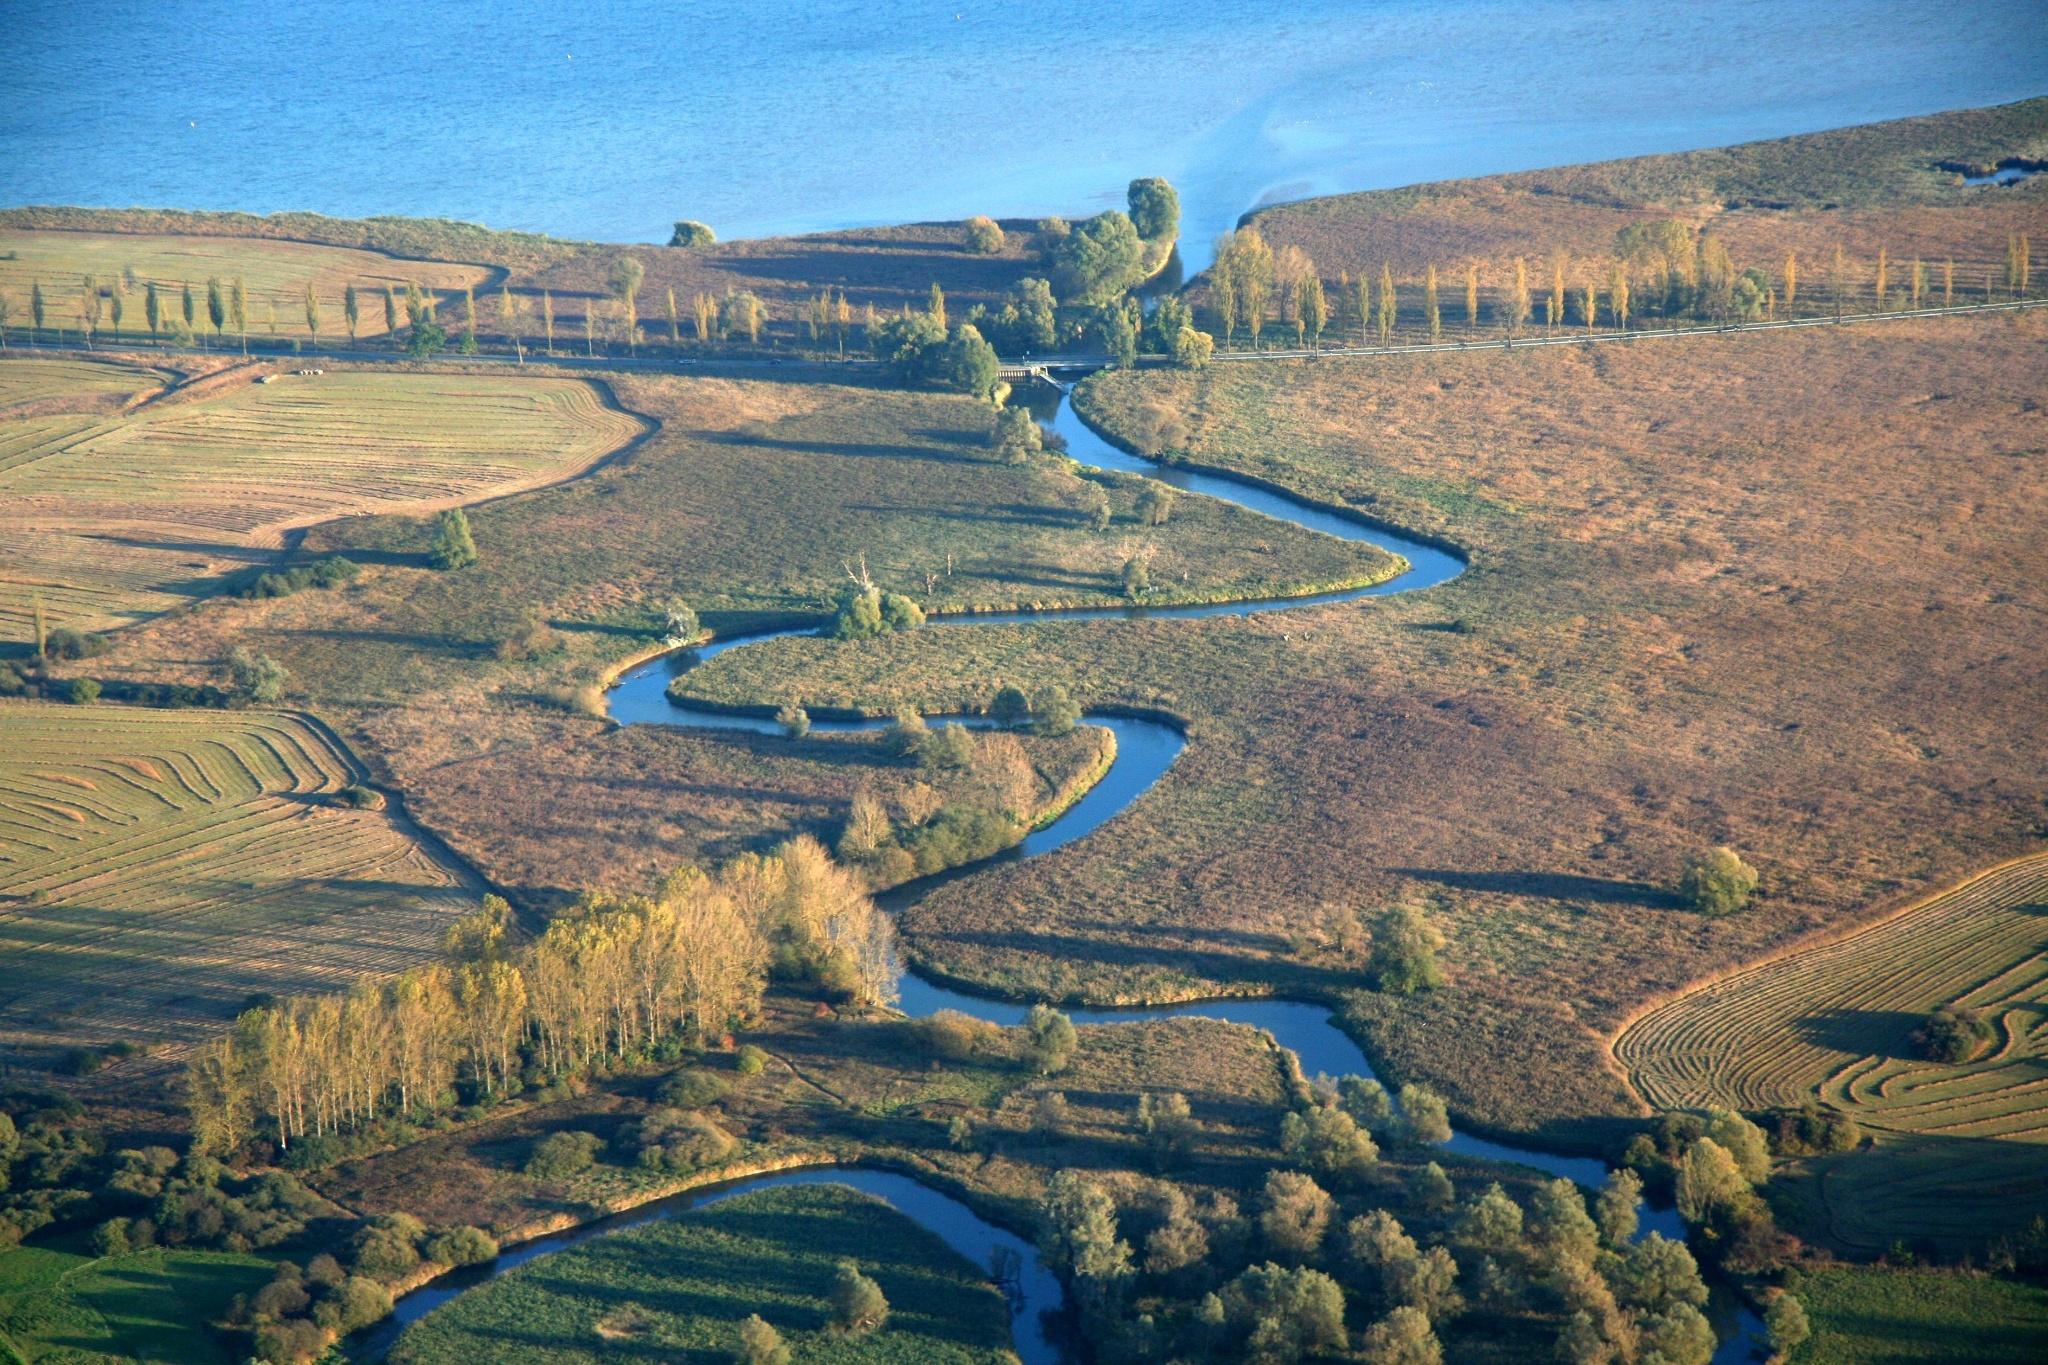 Mündungsdelta der Aach in den Bodensee bei Moos